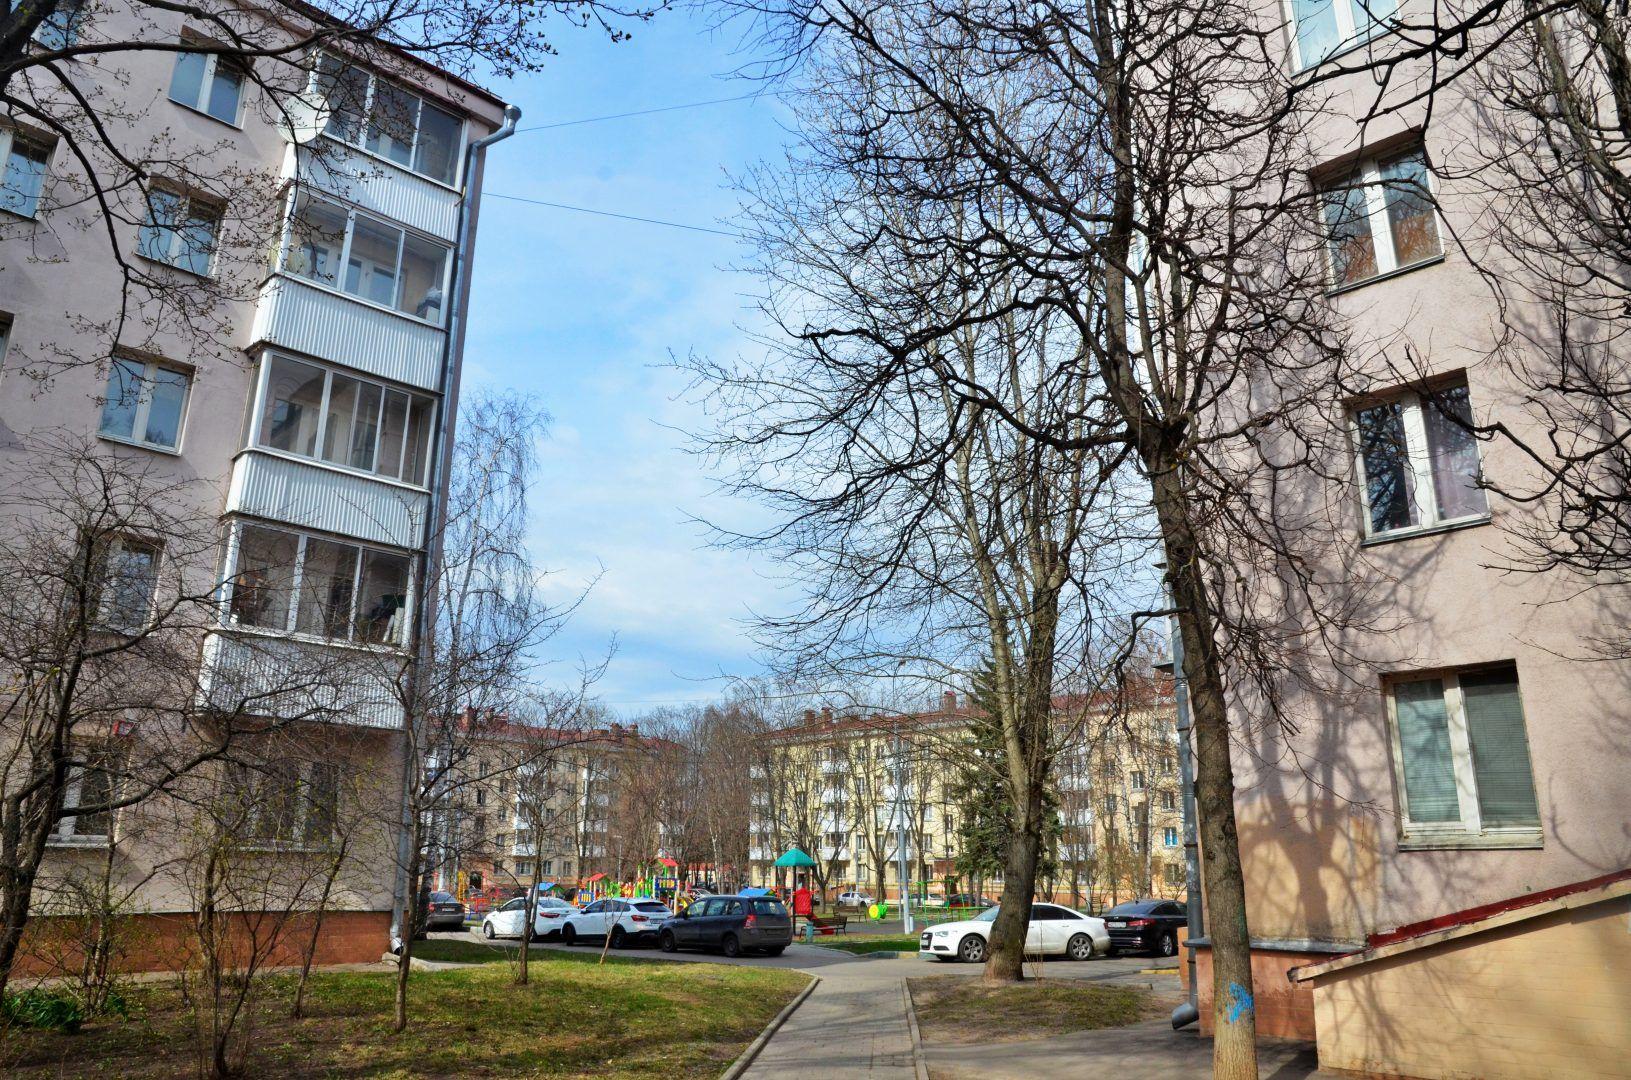 Почти 1,7 тысячи парковок создали в жилых домах Новой Москвы. Фото: Анна Быкова